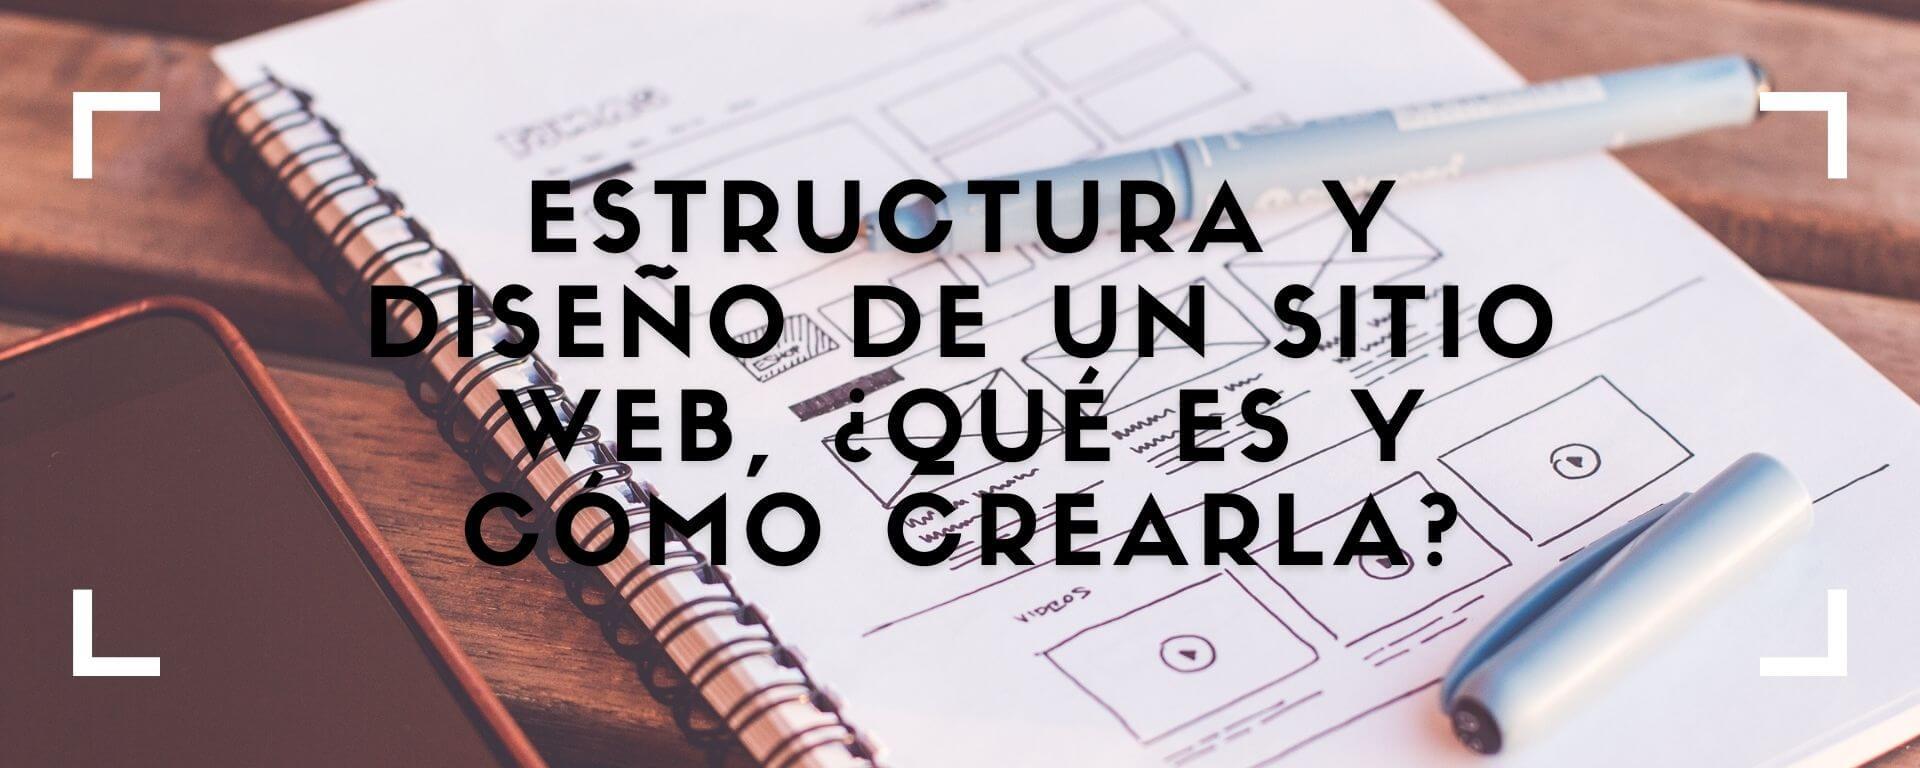 Estructura y diseño de un sitio web, ¿qué es y cómo crearla?